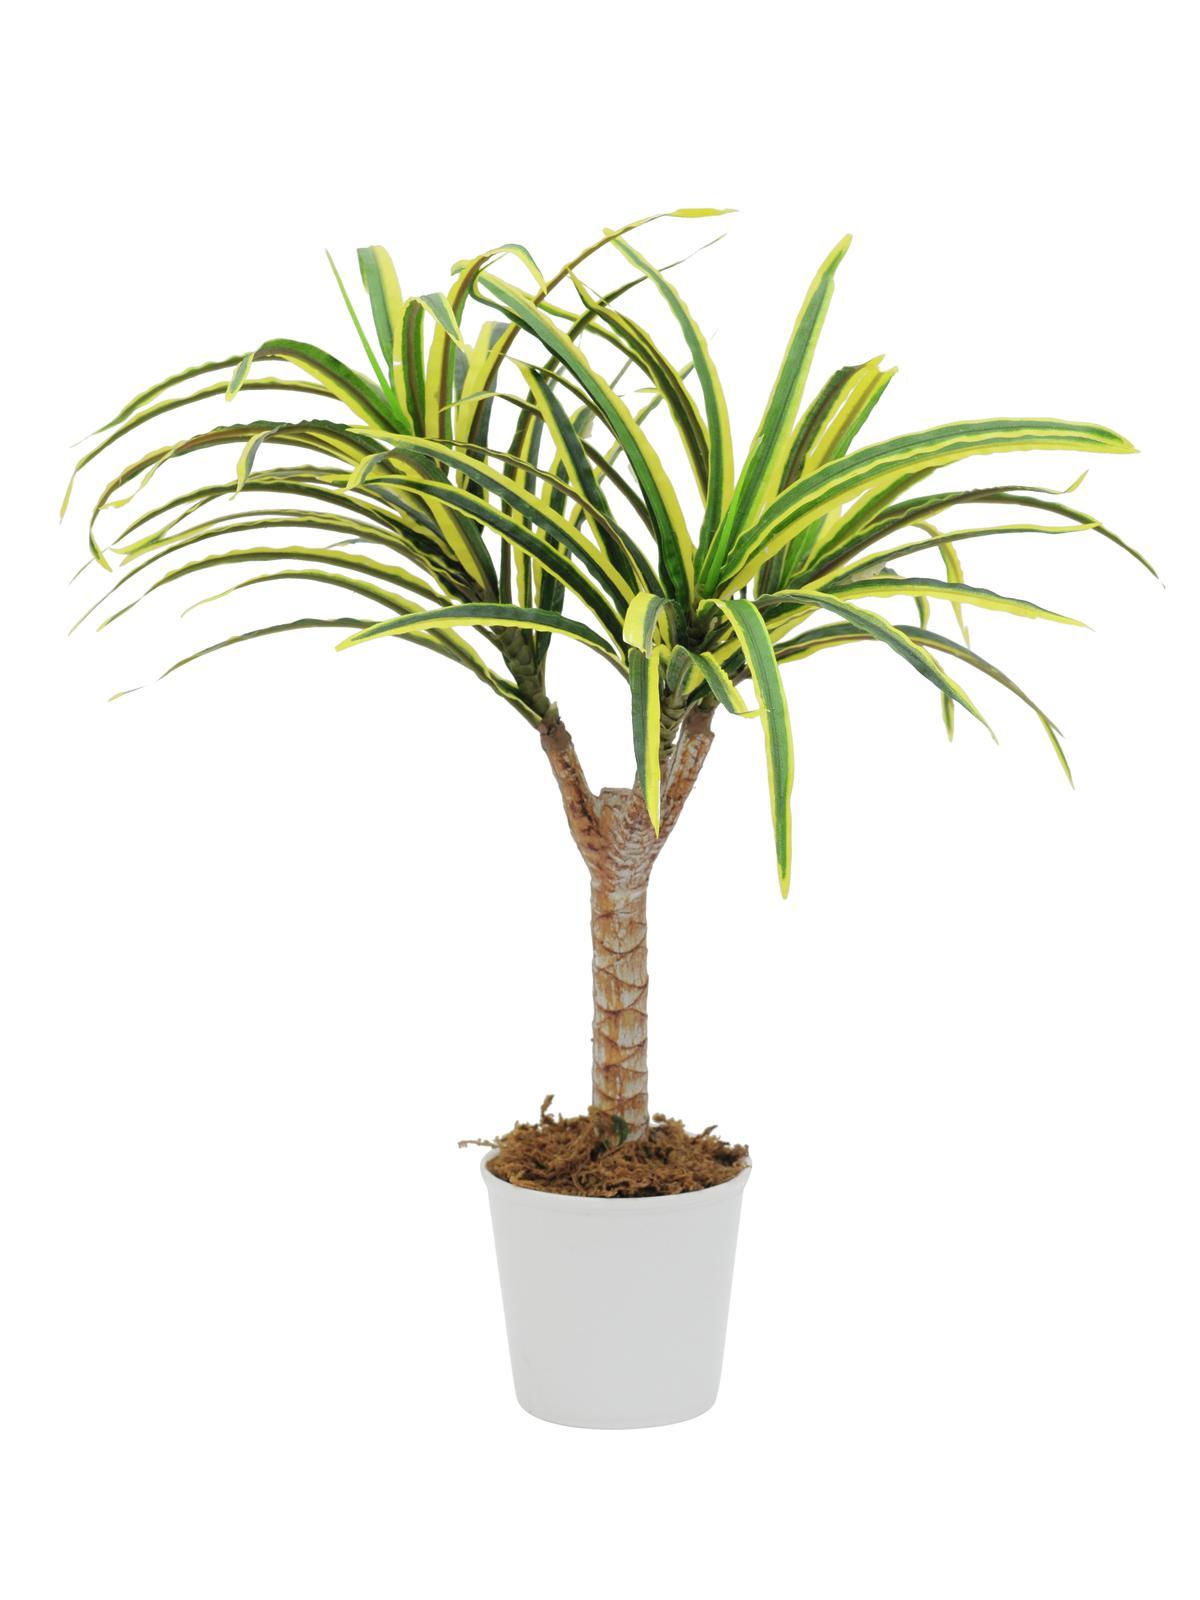 EUROPALMS pianta artificiale Dracena giallo-verde, 50cm